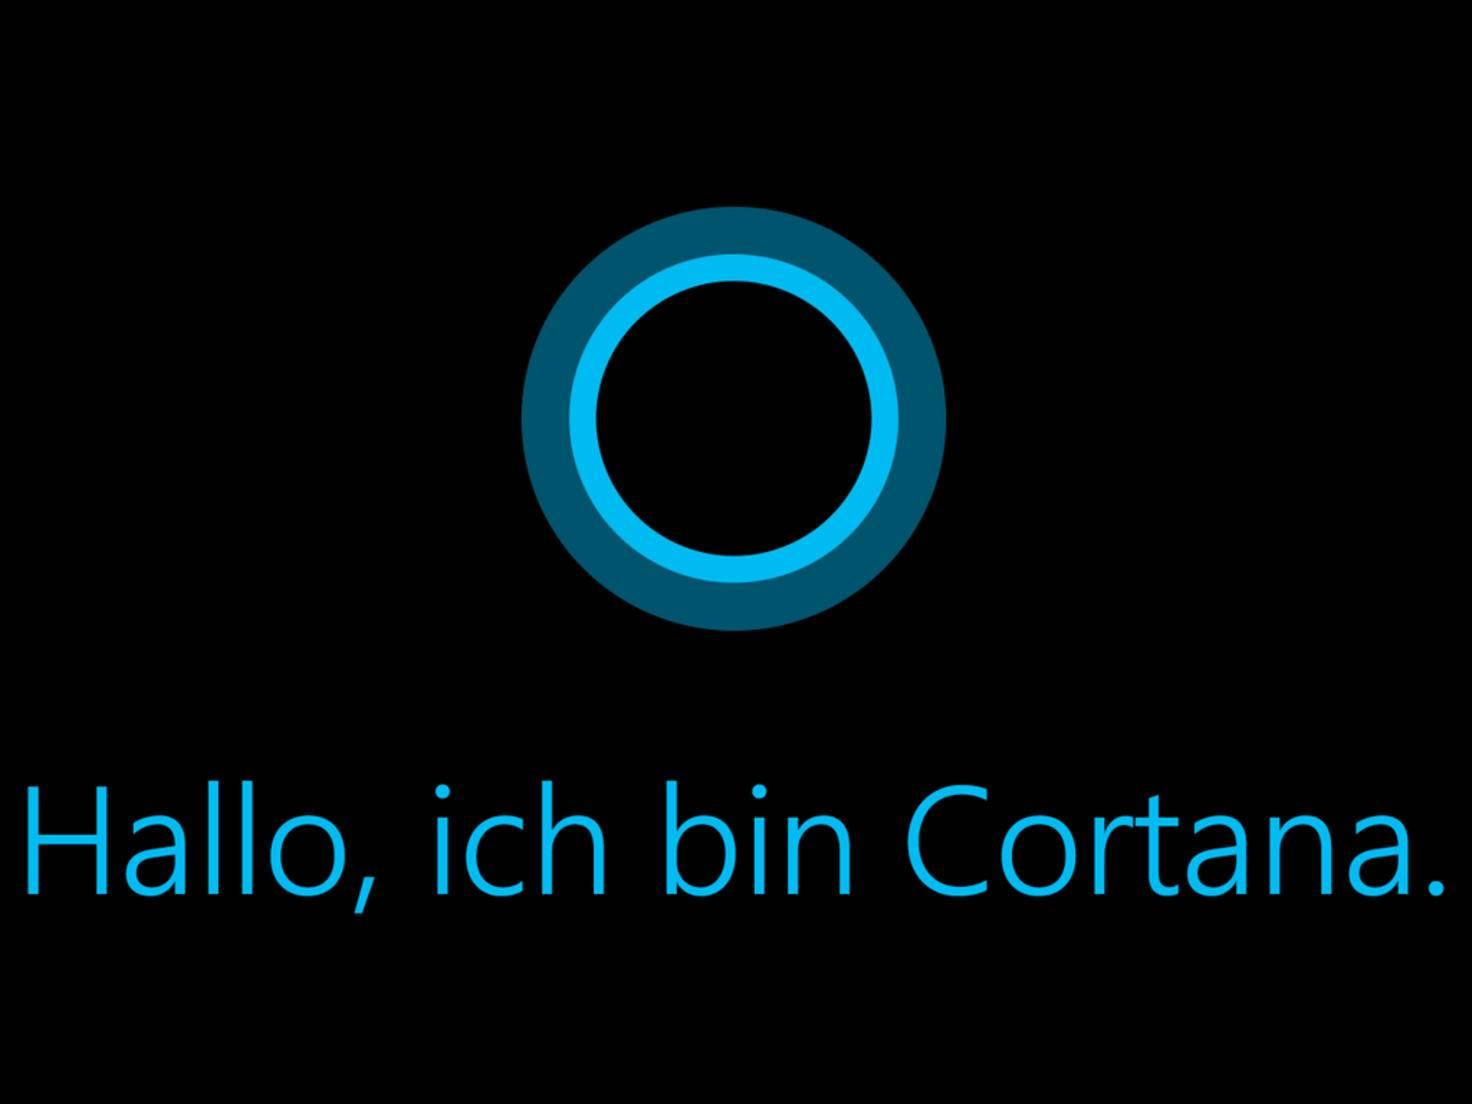 Microsofts Sprachassistentin Cortana spricht jetzt auch deutsch.